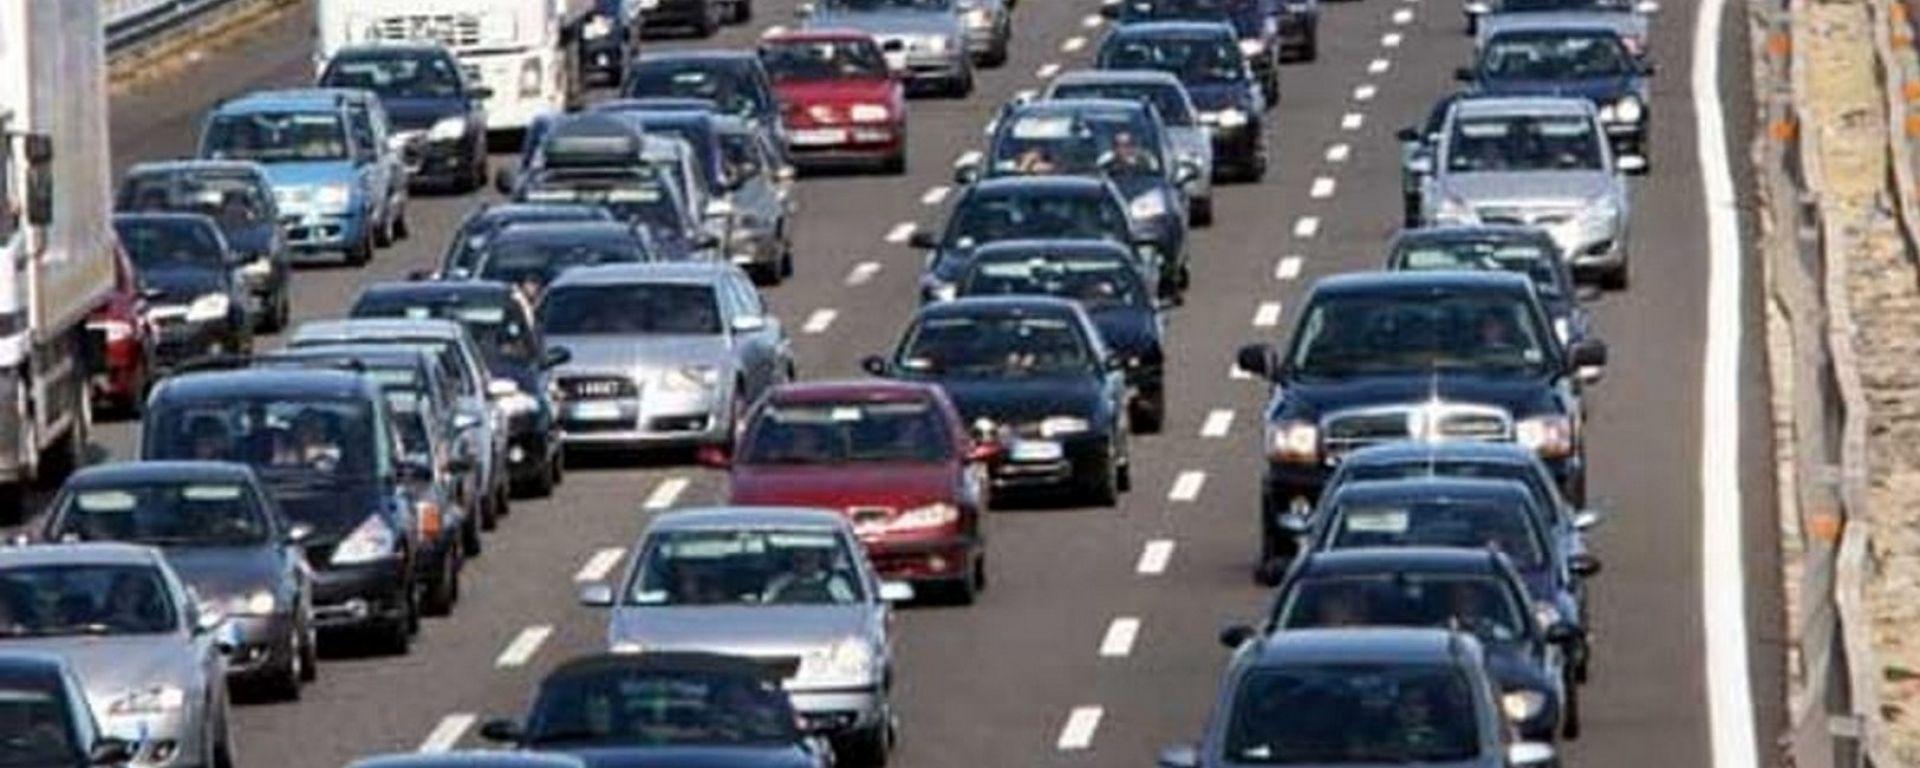 Superammortamento autovetture, il settore invoca la proroga